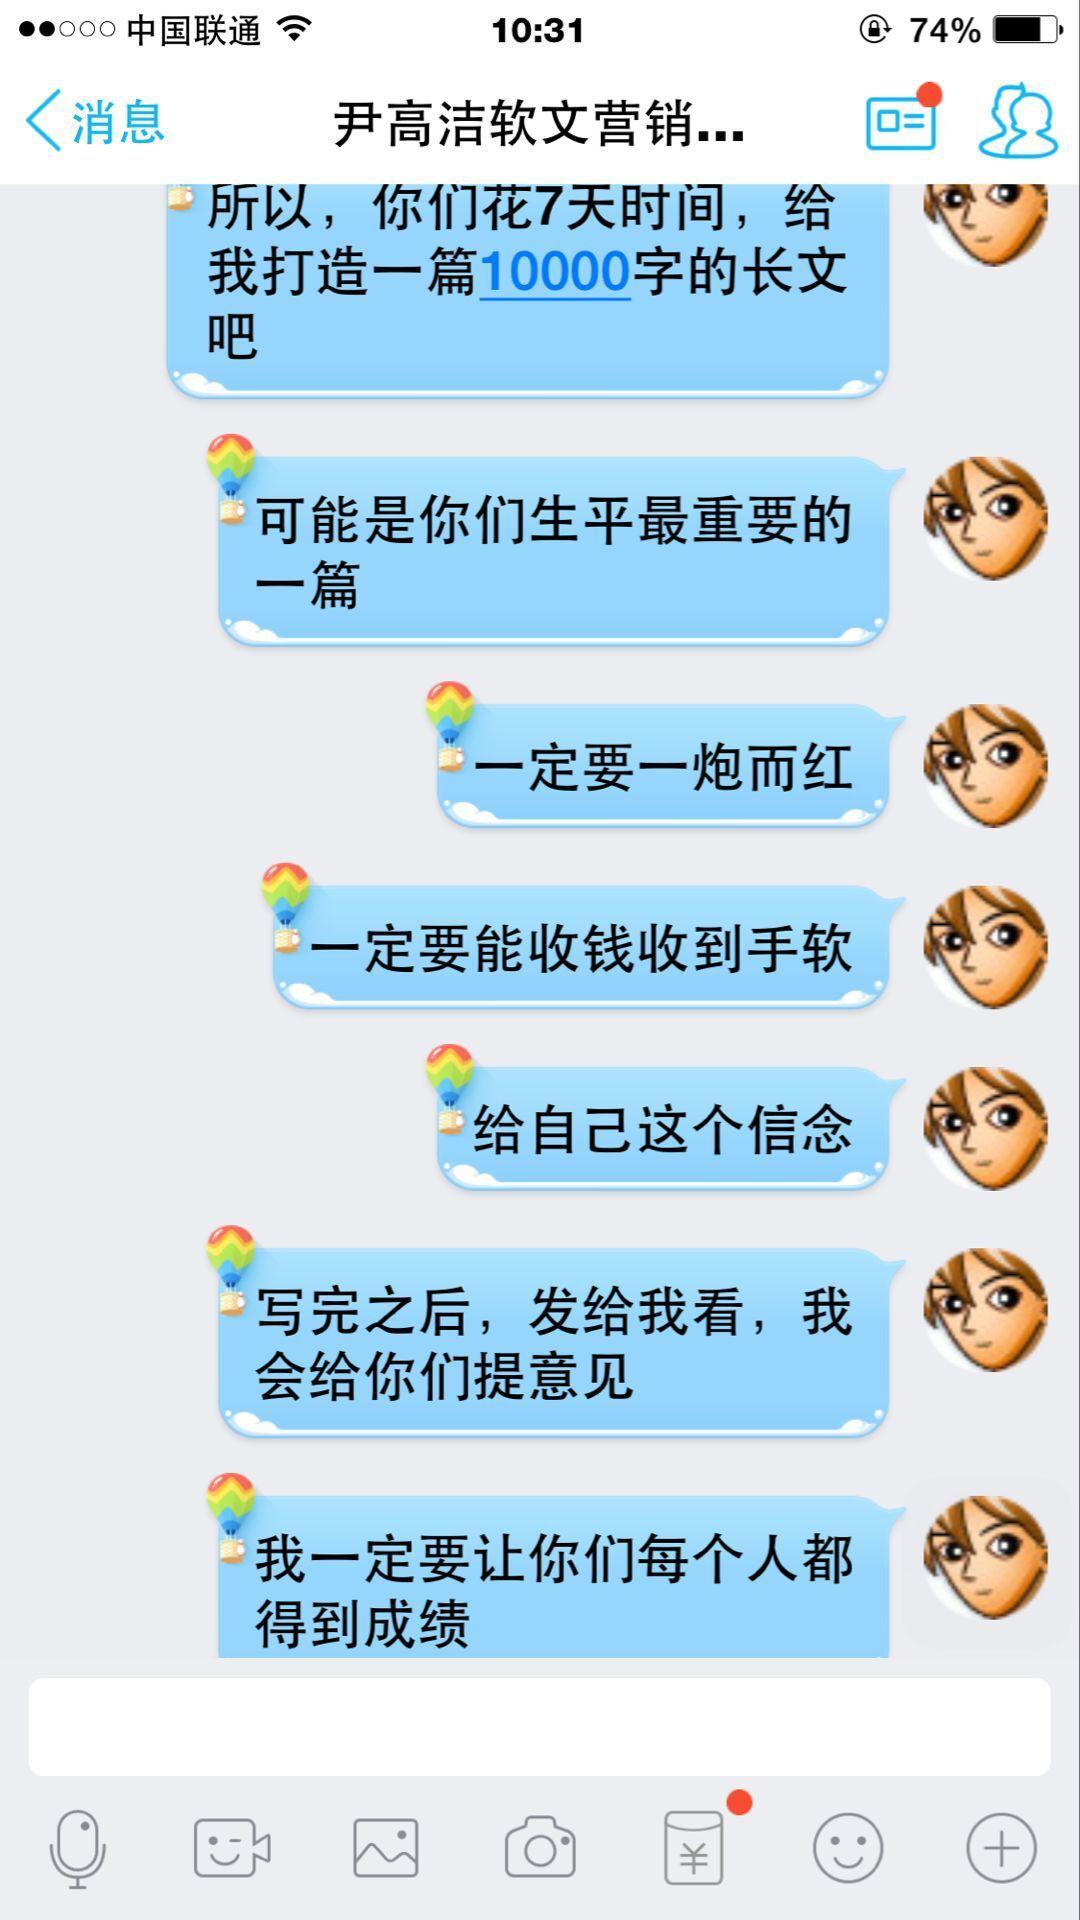 尹高洁:一篇超级软文是怎么给我净赚100万的